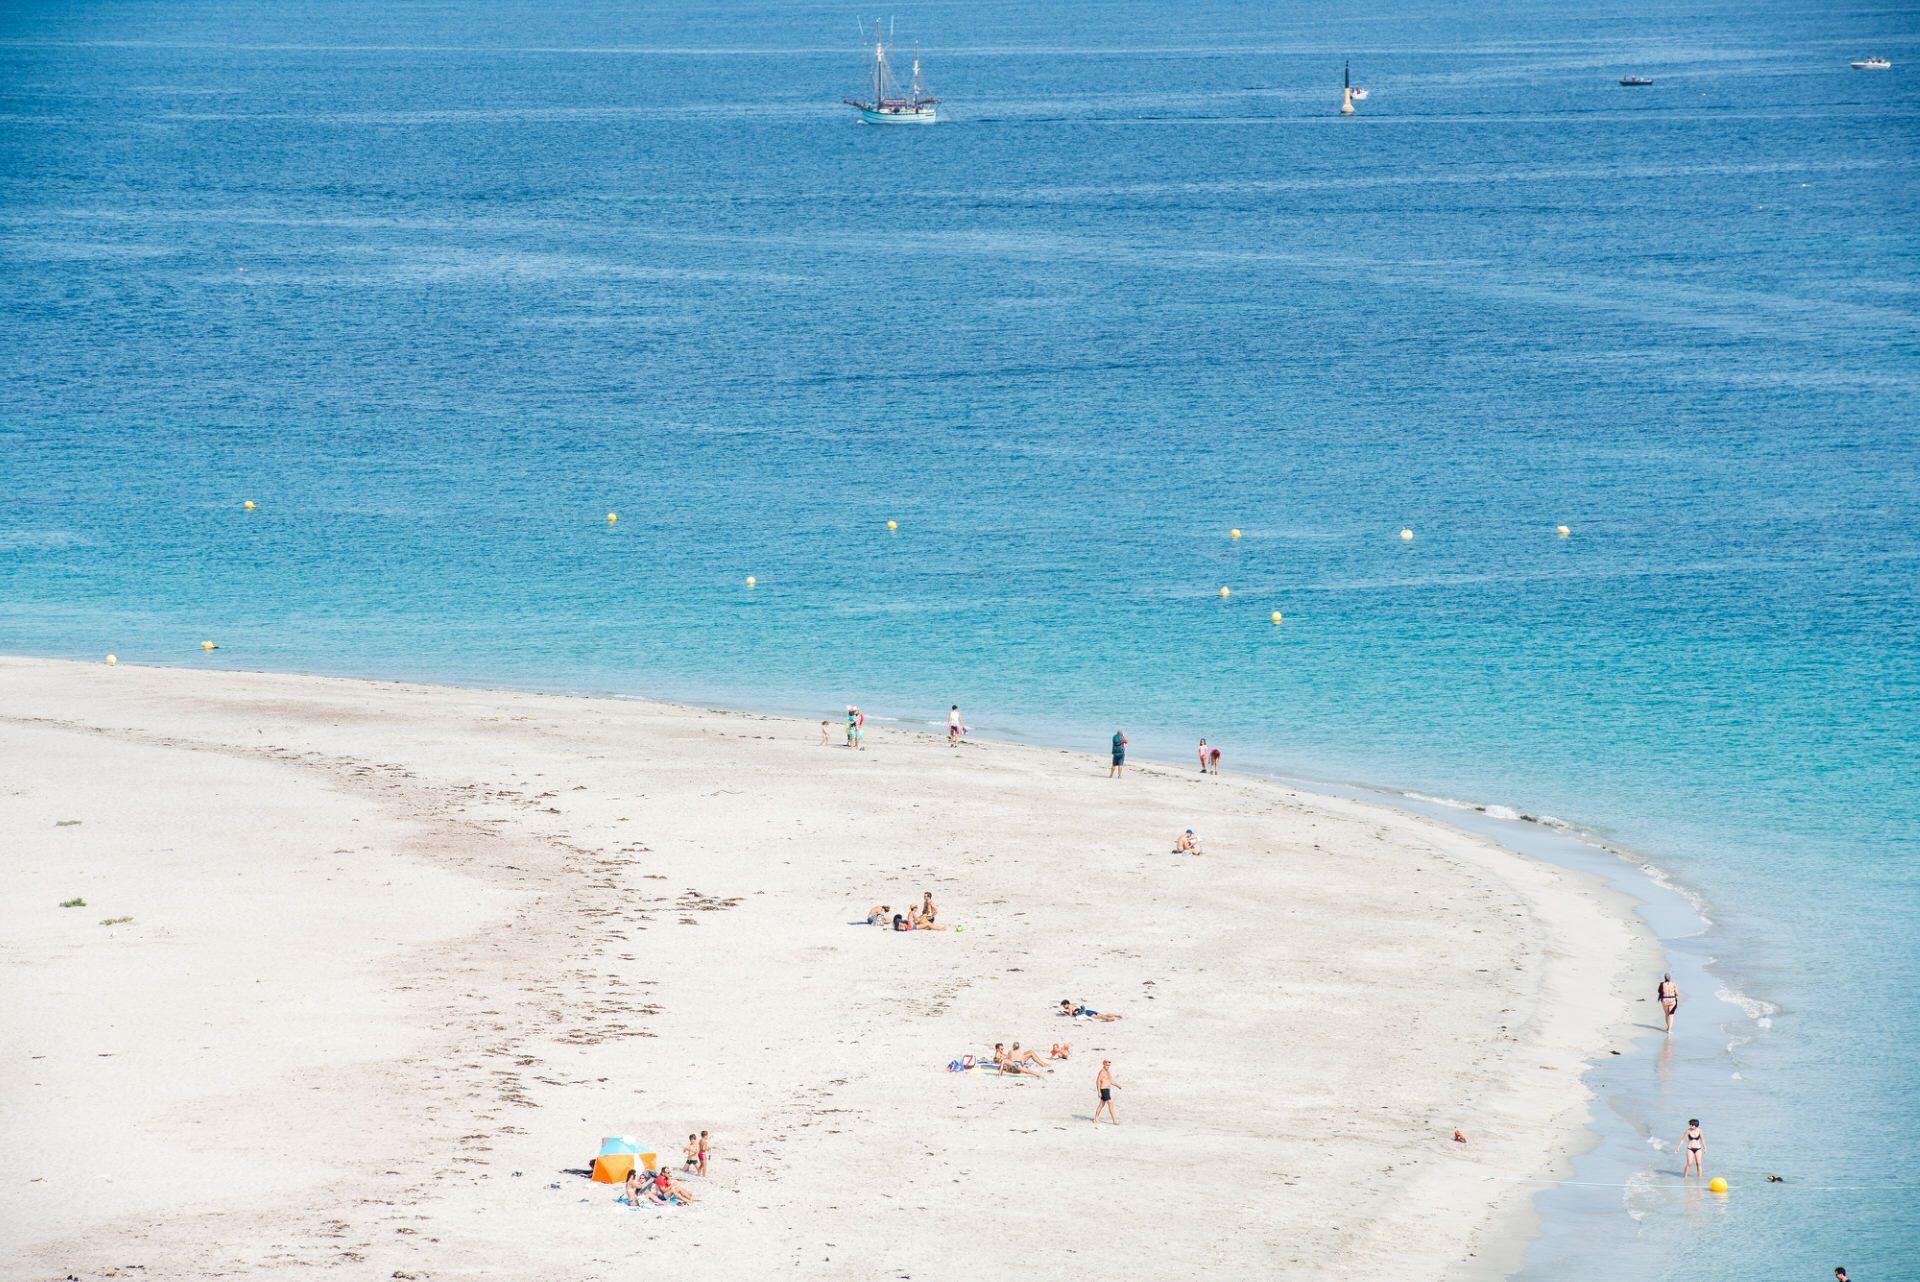 ©Xavier Dubois-LBST - La plage convexe des Grands Sables sur l'île de Groix